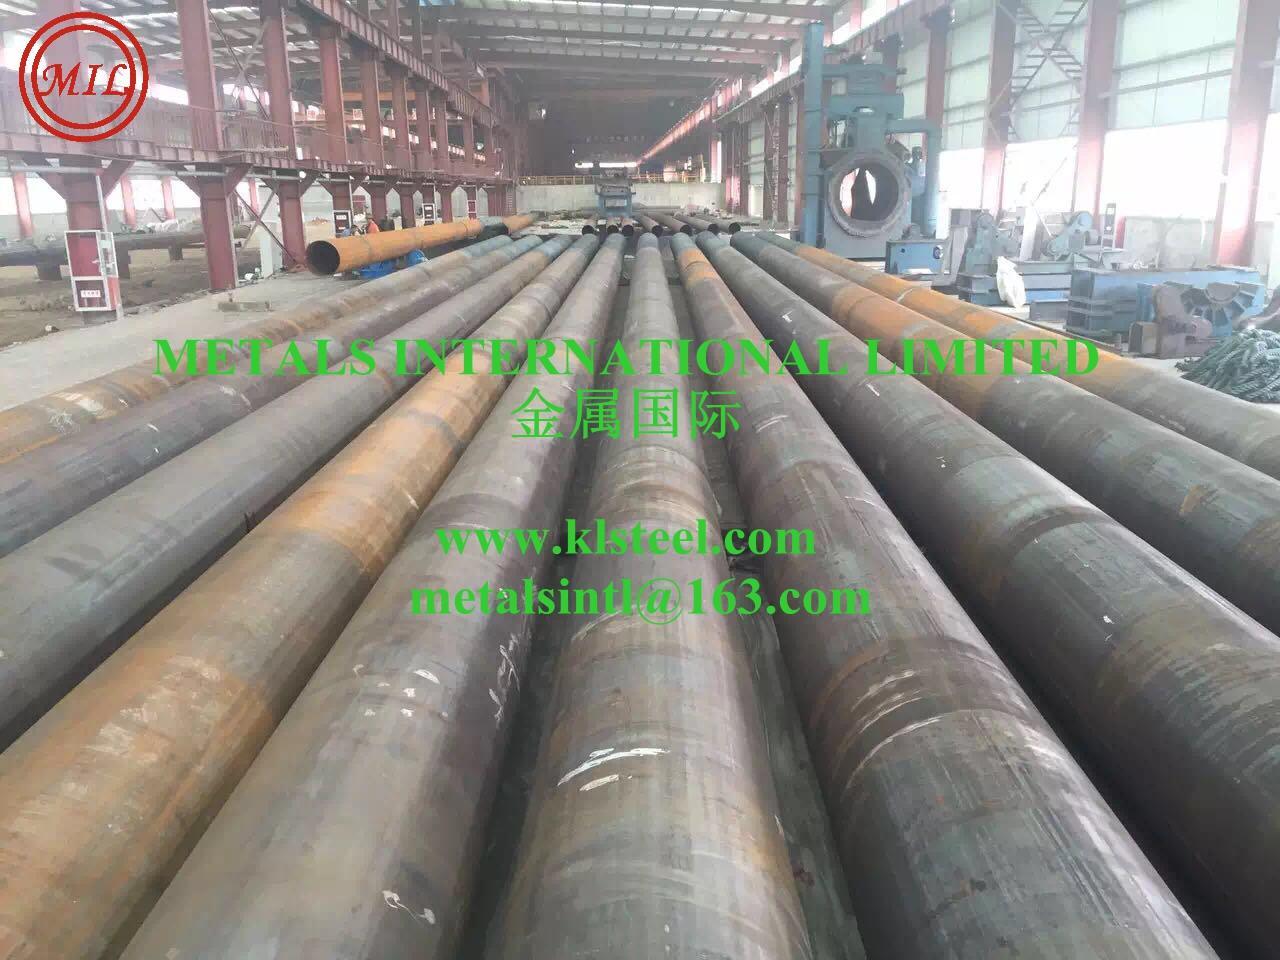 Steel casing pipe u pittsburgh pipe